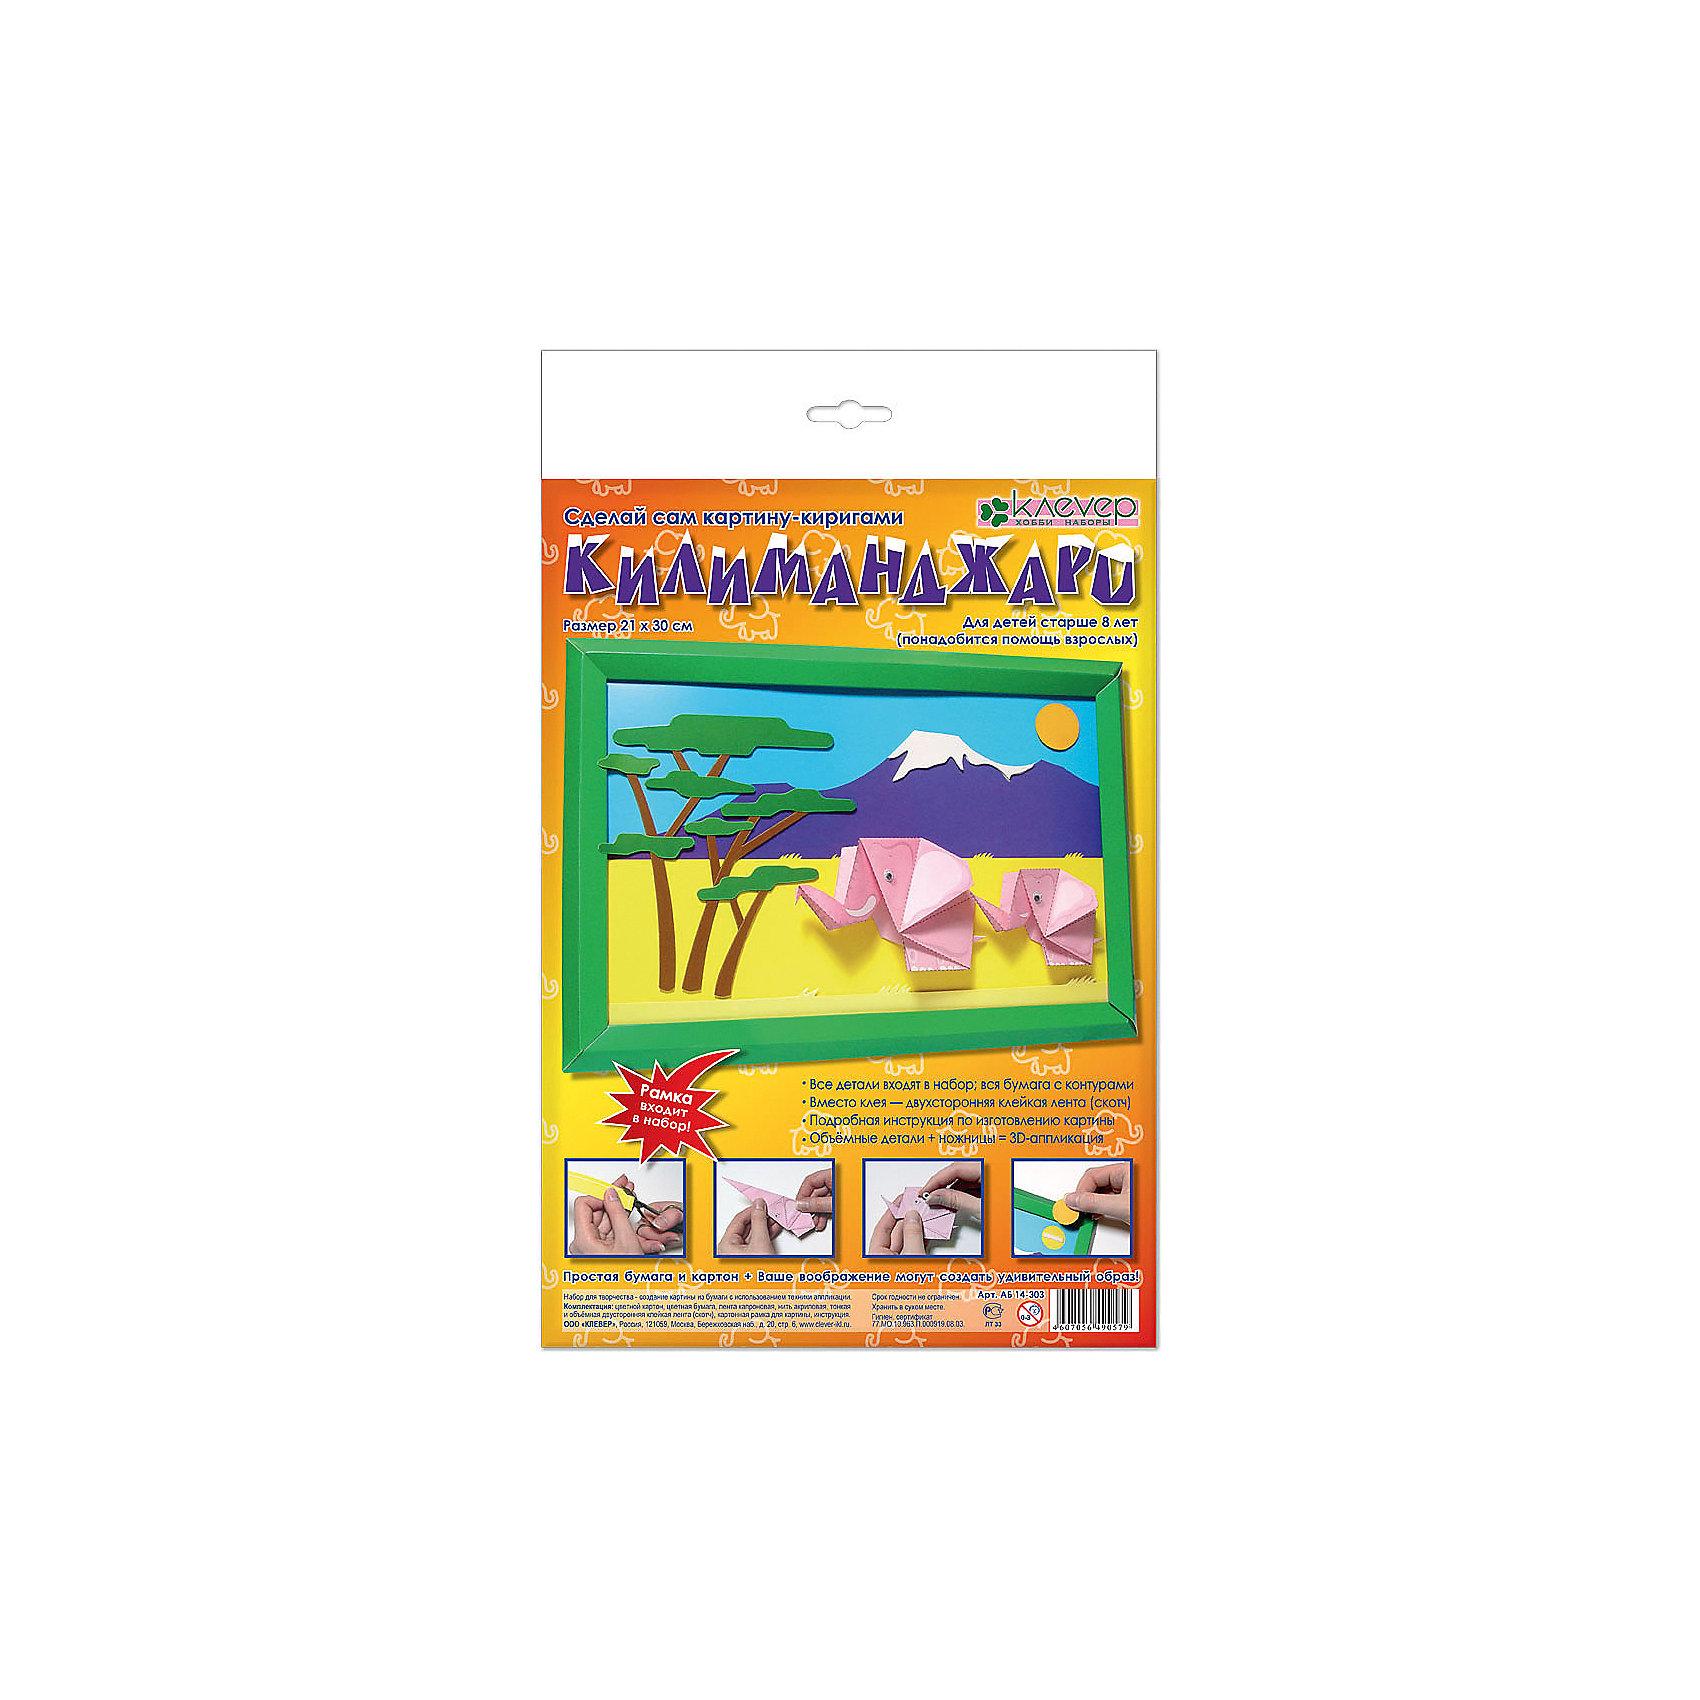 Набор для изготовления картины КилиманджароБумага<br>Характеристики:<br><br>• Коллекция: бумагопластика, оригами<br>• Тематика картины: природа<br>• Уровень сложности: средний<br>• Материал: картон, бумага, скотч<br>• Комплектация: набор цветной бумаги и цветного картона, картонная основа и рамка, тренировочная бумага с контурами, скотч, инструкция<br>• Размеры готовой картины (Ш*В): 21*30 см<br>• Размеры (Д*Ш*В): 22*24*5 см<br>• Вес: 59 г <br>• Упаковка: картонная коробка<br><br>Уникальность данных наборов заключается в том, что они состоят из материалов разных фактур. Благодаря использованию двухстороннего скотча, рабочее место и одежда ребенка не будет испачкана, а поделка будет выглядеть объемной и аккуратной.<br><br>Набор для изготовления картины Килиманджаро – состоит из всех необходимых материалов для создания аппликации в виде изображения горы Килиманджаро и слонов. При создании поделки применяются две технологии: бумагопластика и оригами.<br><br>Набор для изготовления картины Килиманджаро можно купить в нашем интернет-магазине.<br><br>Ширина мм: 220<br>Глубина мм: 240<br>Высота мм: 50<br>Вес г: 59<br>Возраст от месяцев: 96<br>Возраст до месяцев: 144<br>Пол: Унисекс<br>Возраст: Детский<br>SKU: 5541514